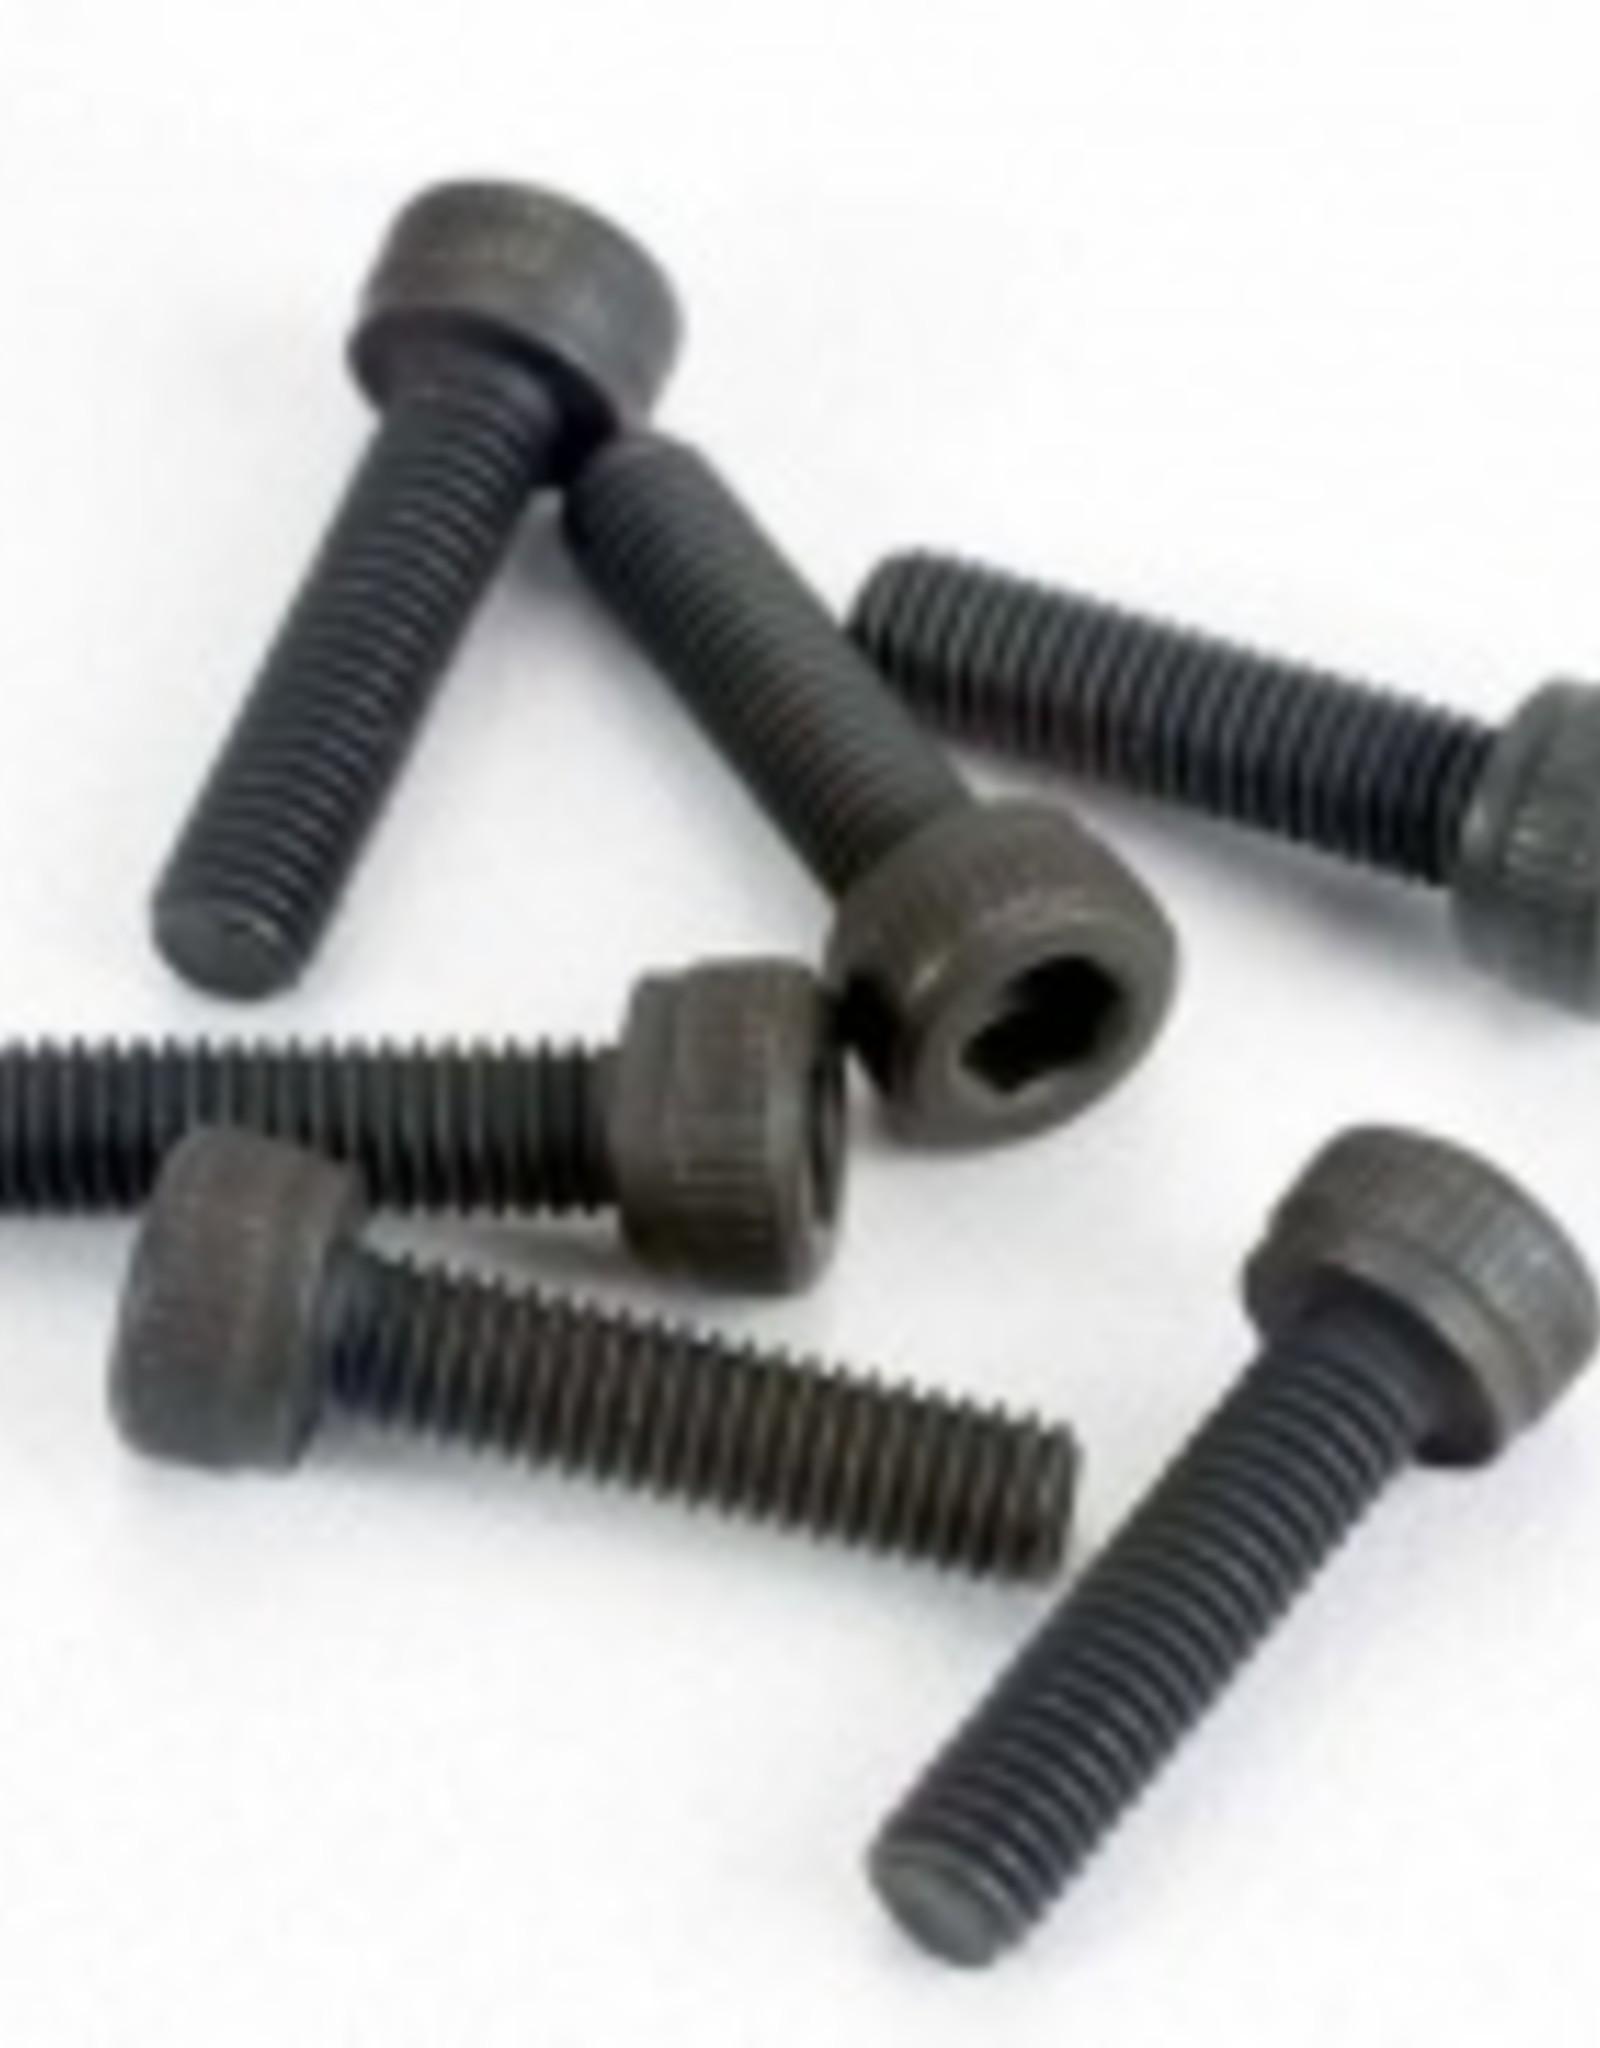 Traxxas Traxxas Head screws, 3x12mm cap-head machine (hex drive) (6) (TRX 2.5, 2.5R, 3.3)